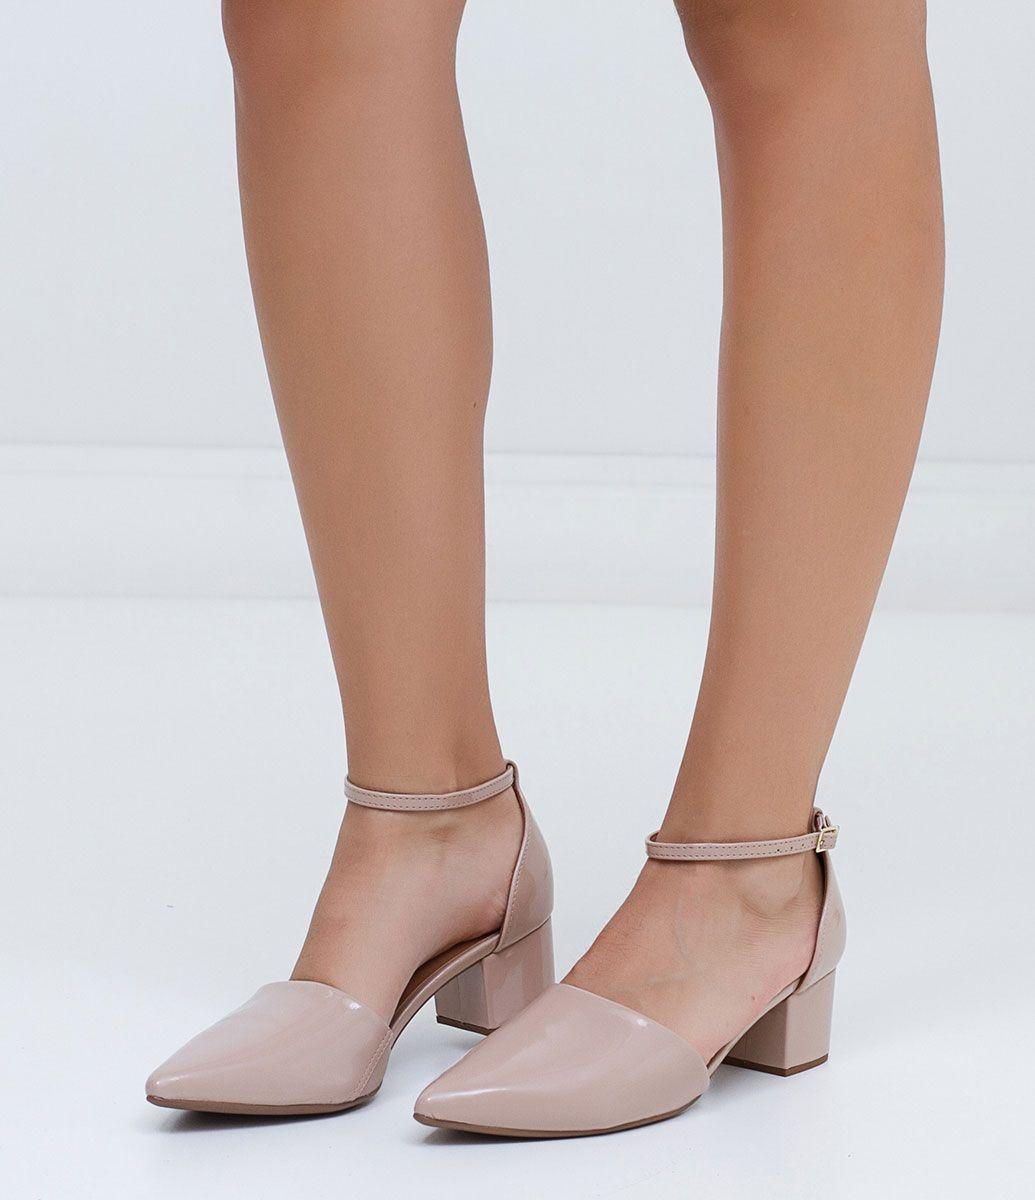 77f25d19d Sapato feminino Com tornozeleira Altura do salto: 5 cm Marca: Vizzano  Material: sintético